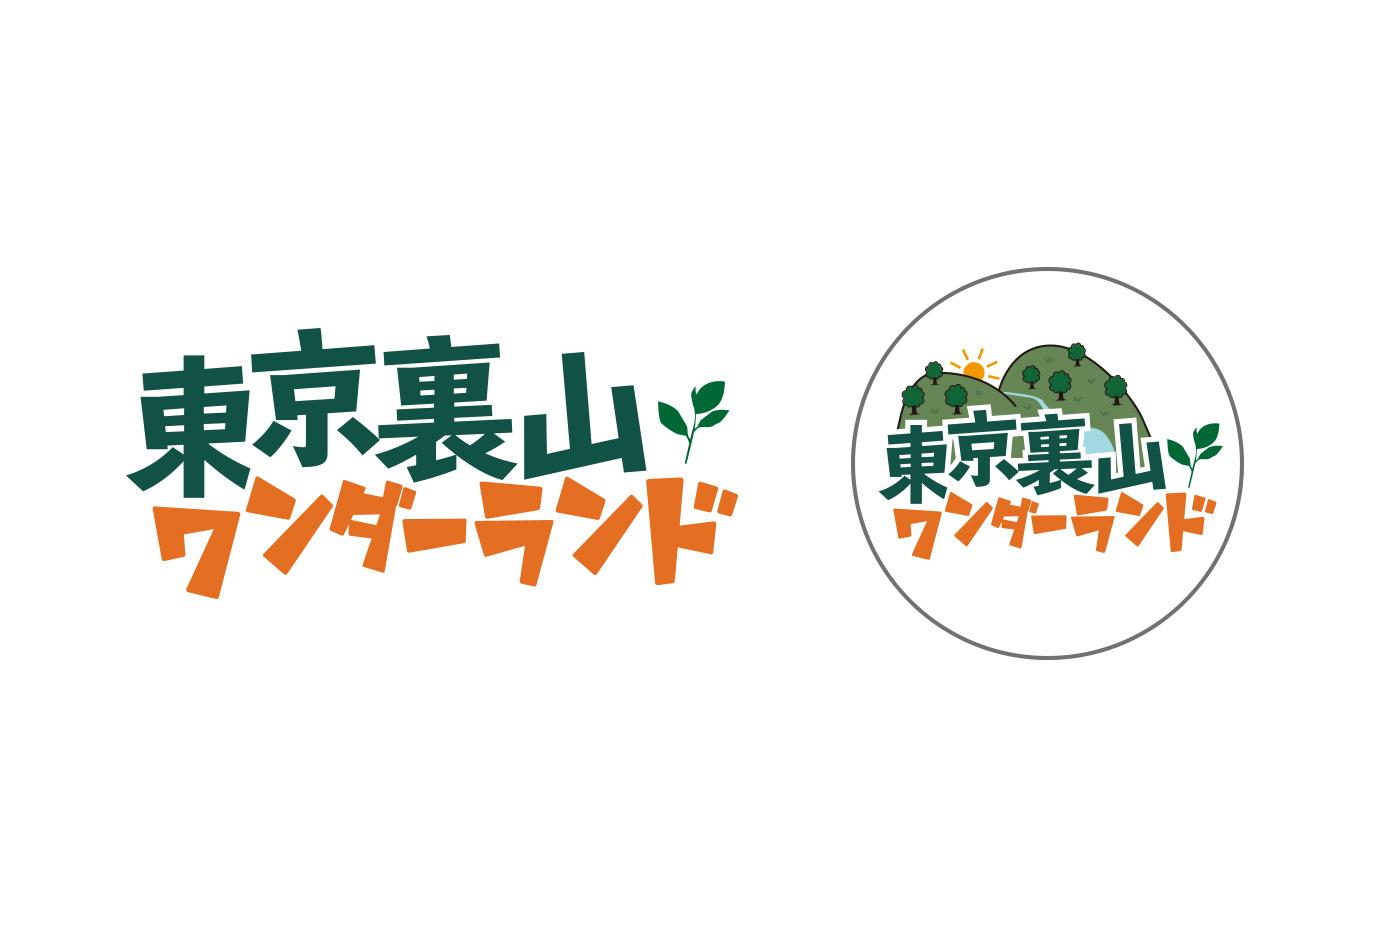 地方観光サービスのロゴデザイン制作事例